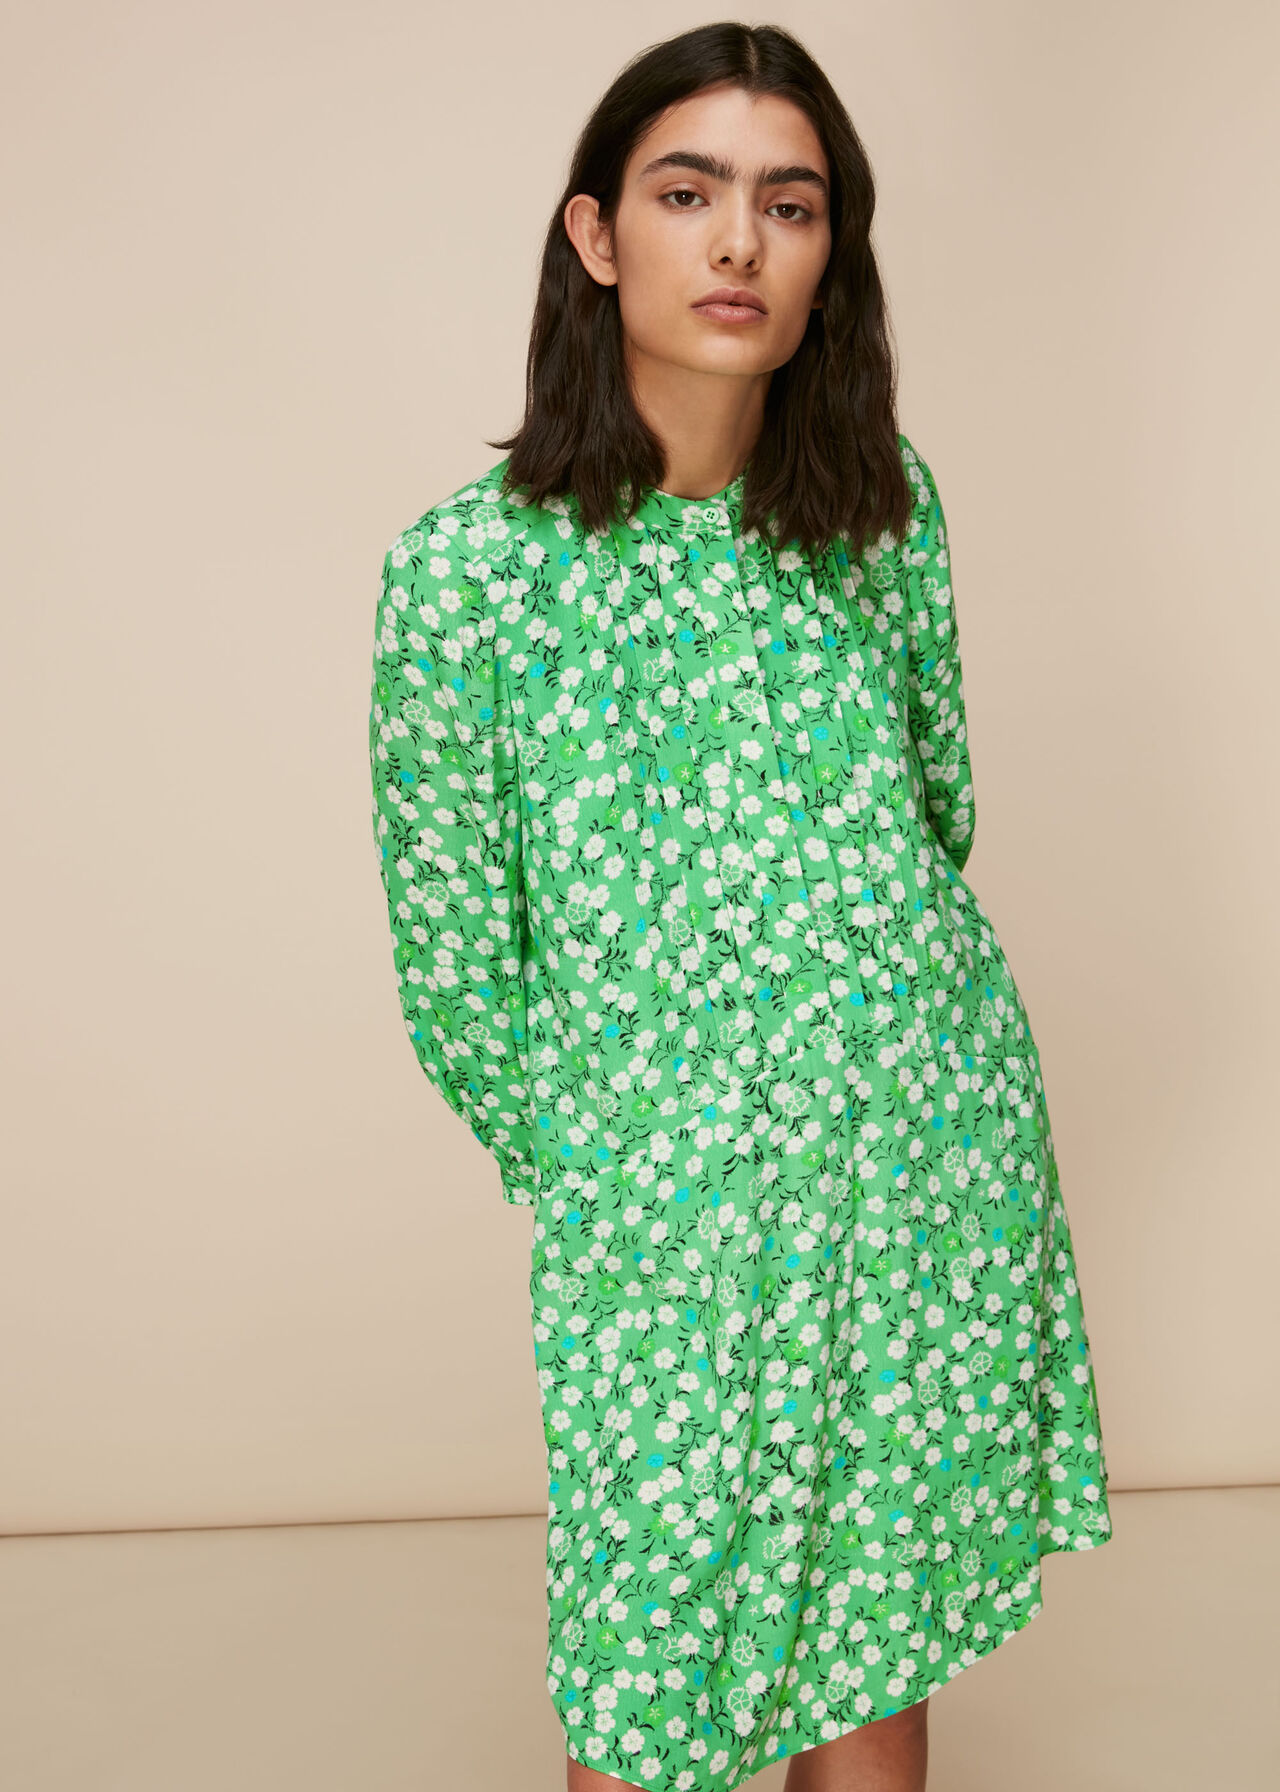 Cherry Blossom Pintuck Dress